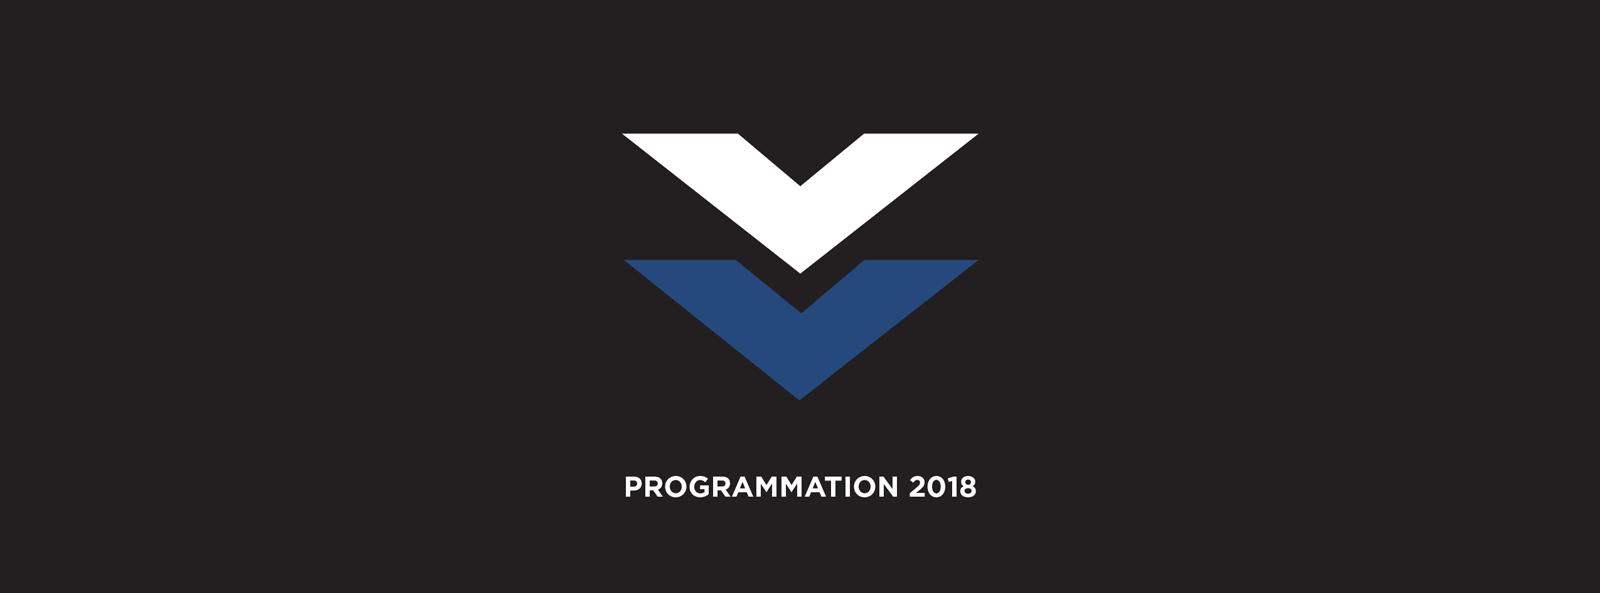 PROGRAMMATION 2018 | Centre d'artistes Vaste et Vague